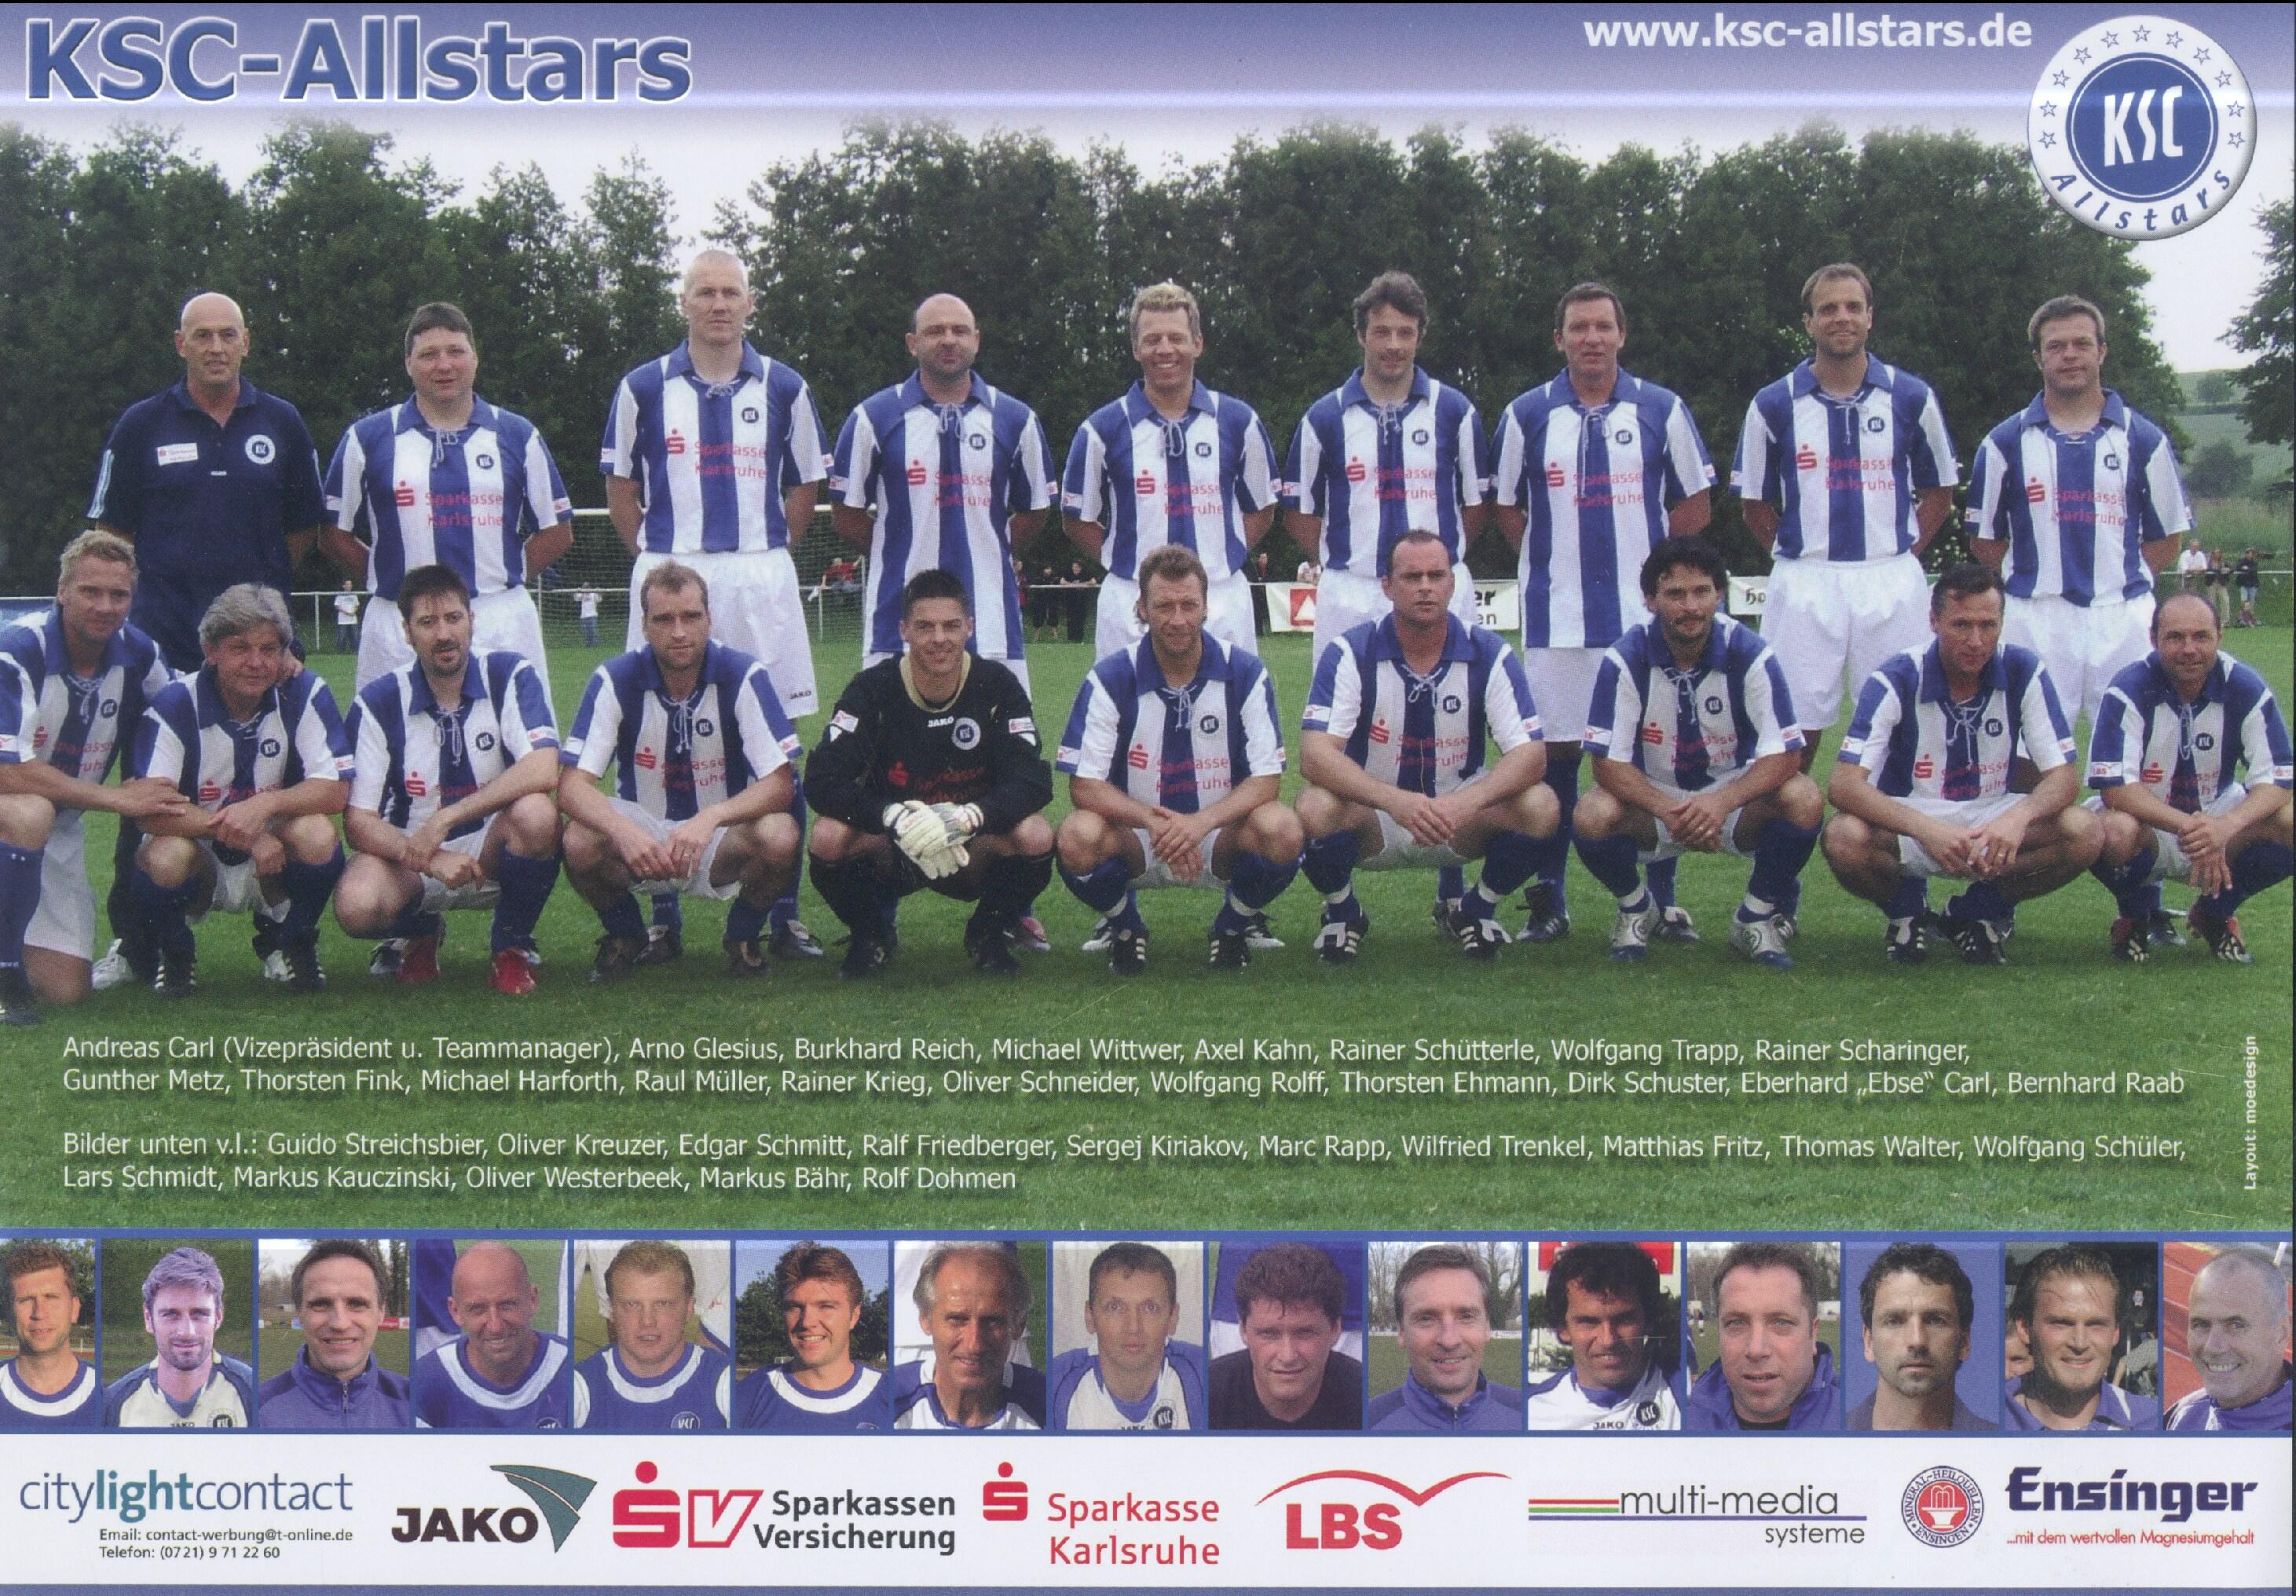 Ksc Allstars